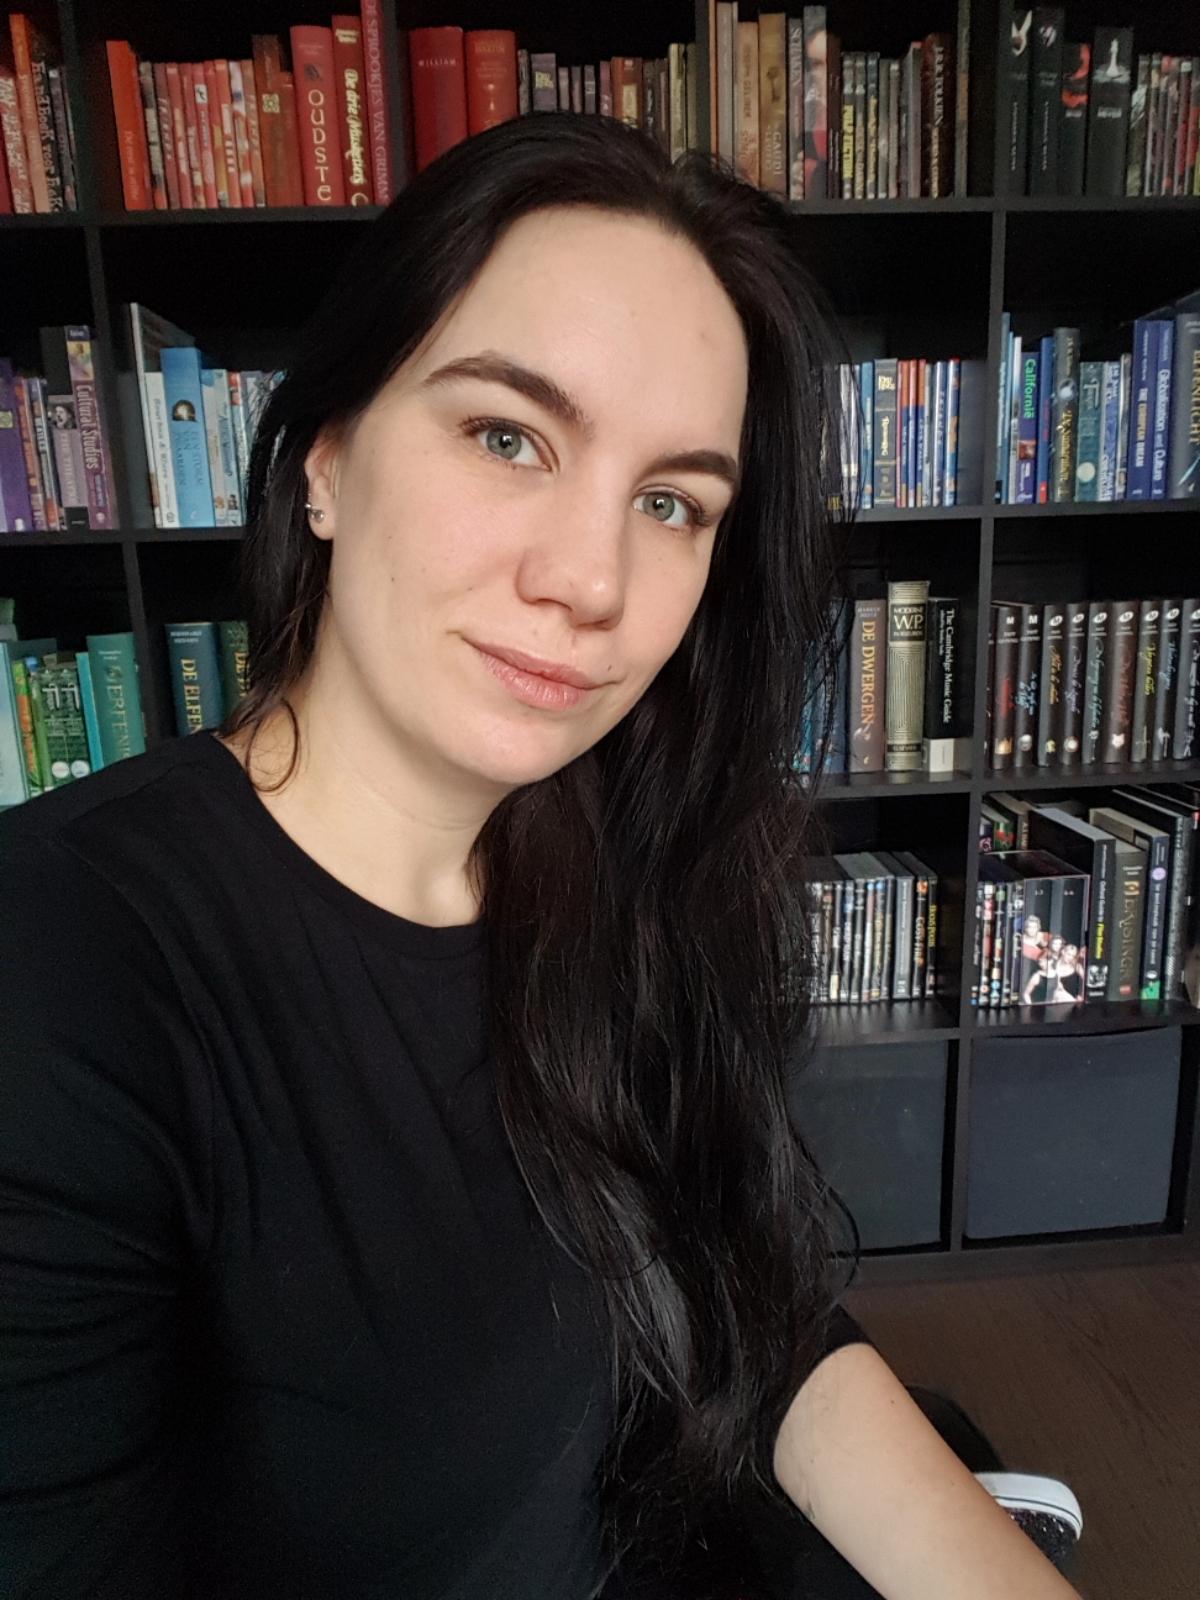 Marieke Meijering speelt Hillegonda in de Toorn van Thunaer